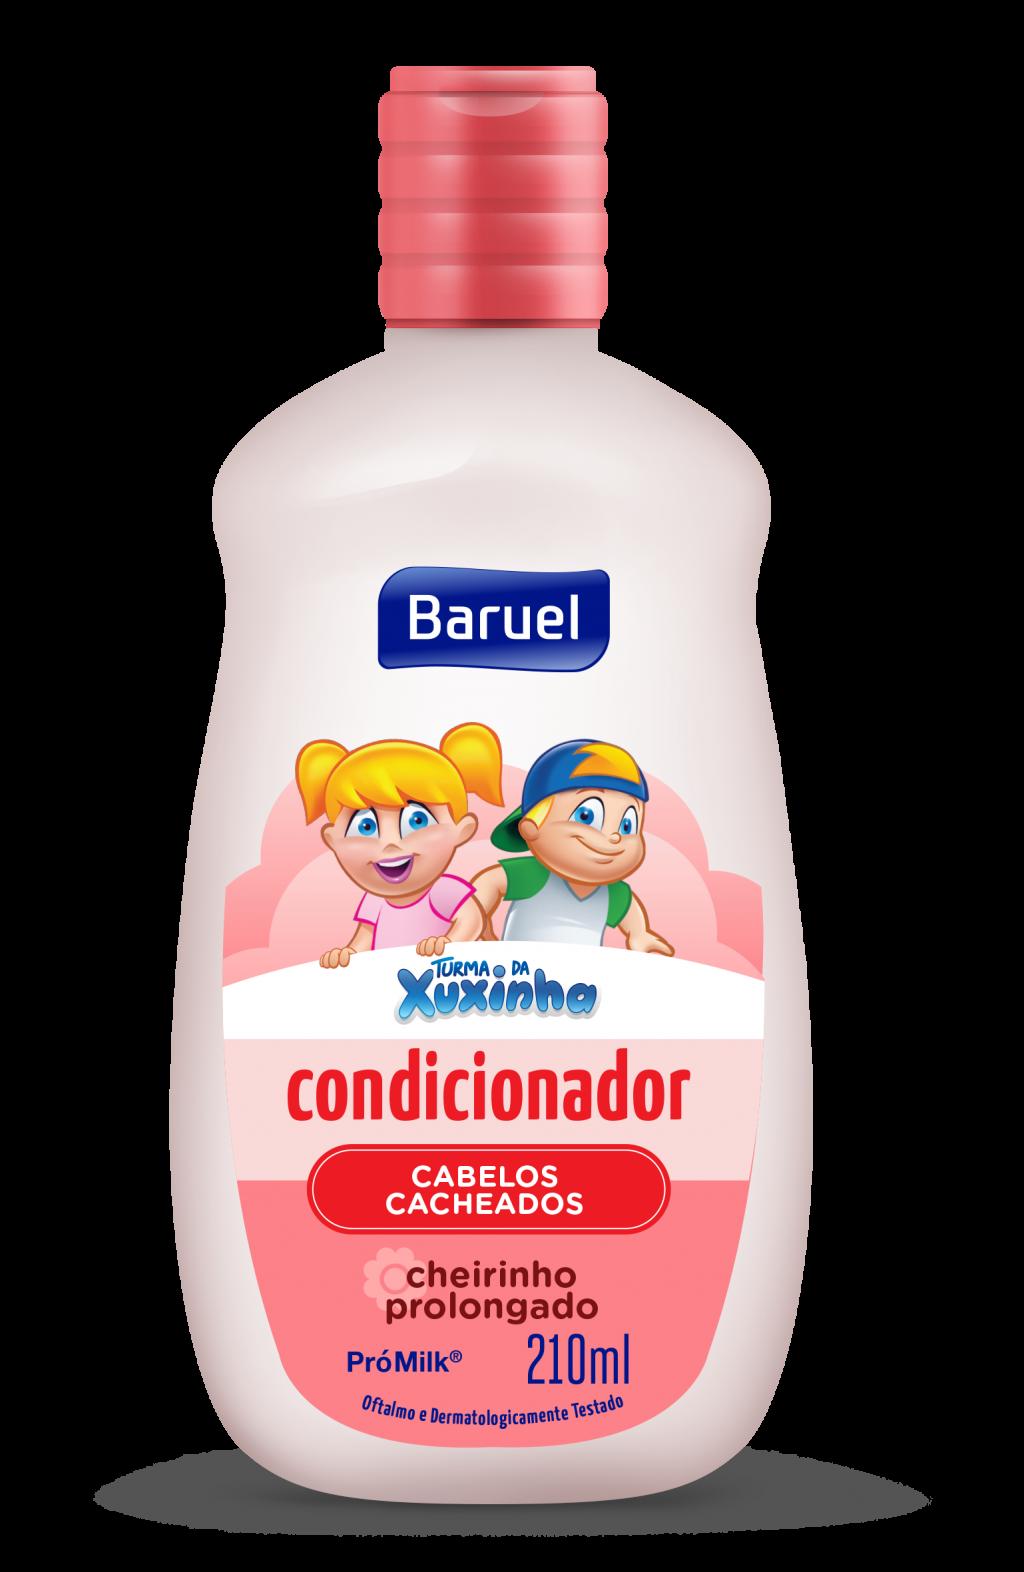 CONDICIONADOR CABELOS CACHEADOS